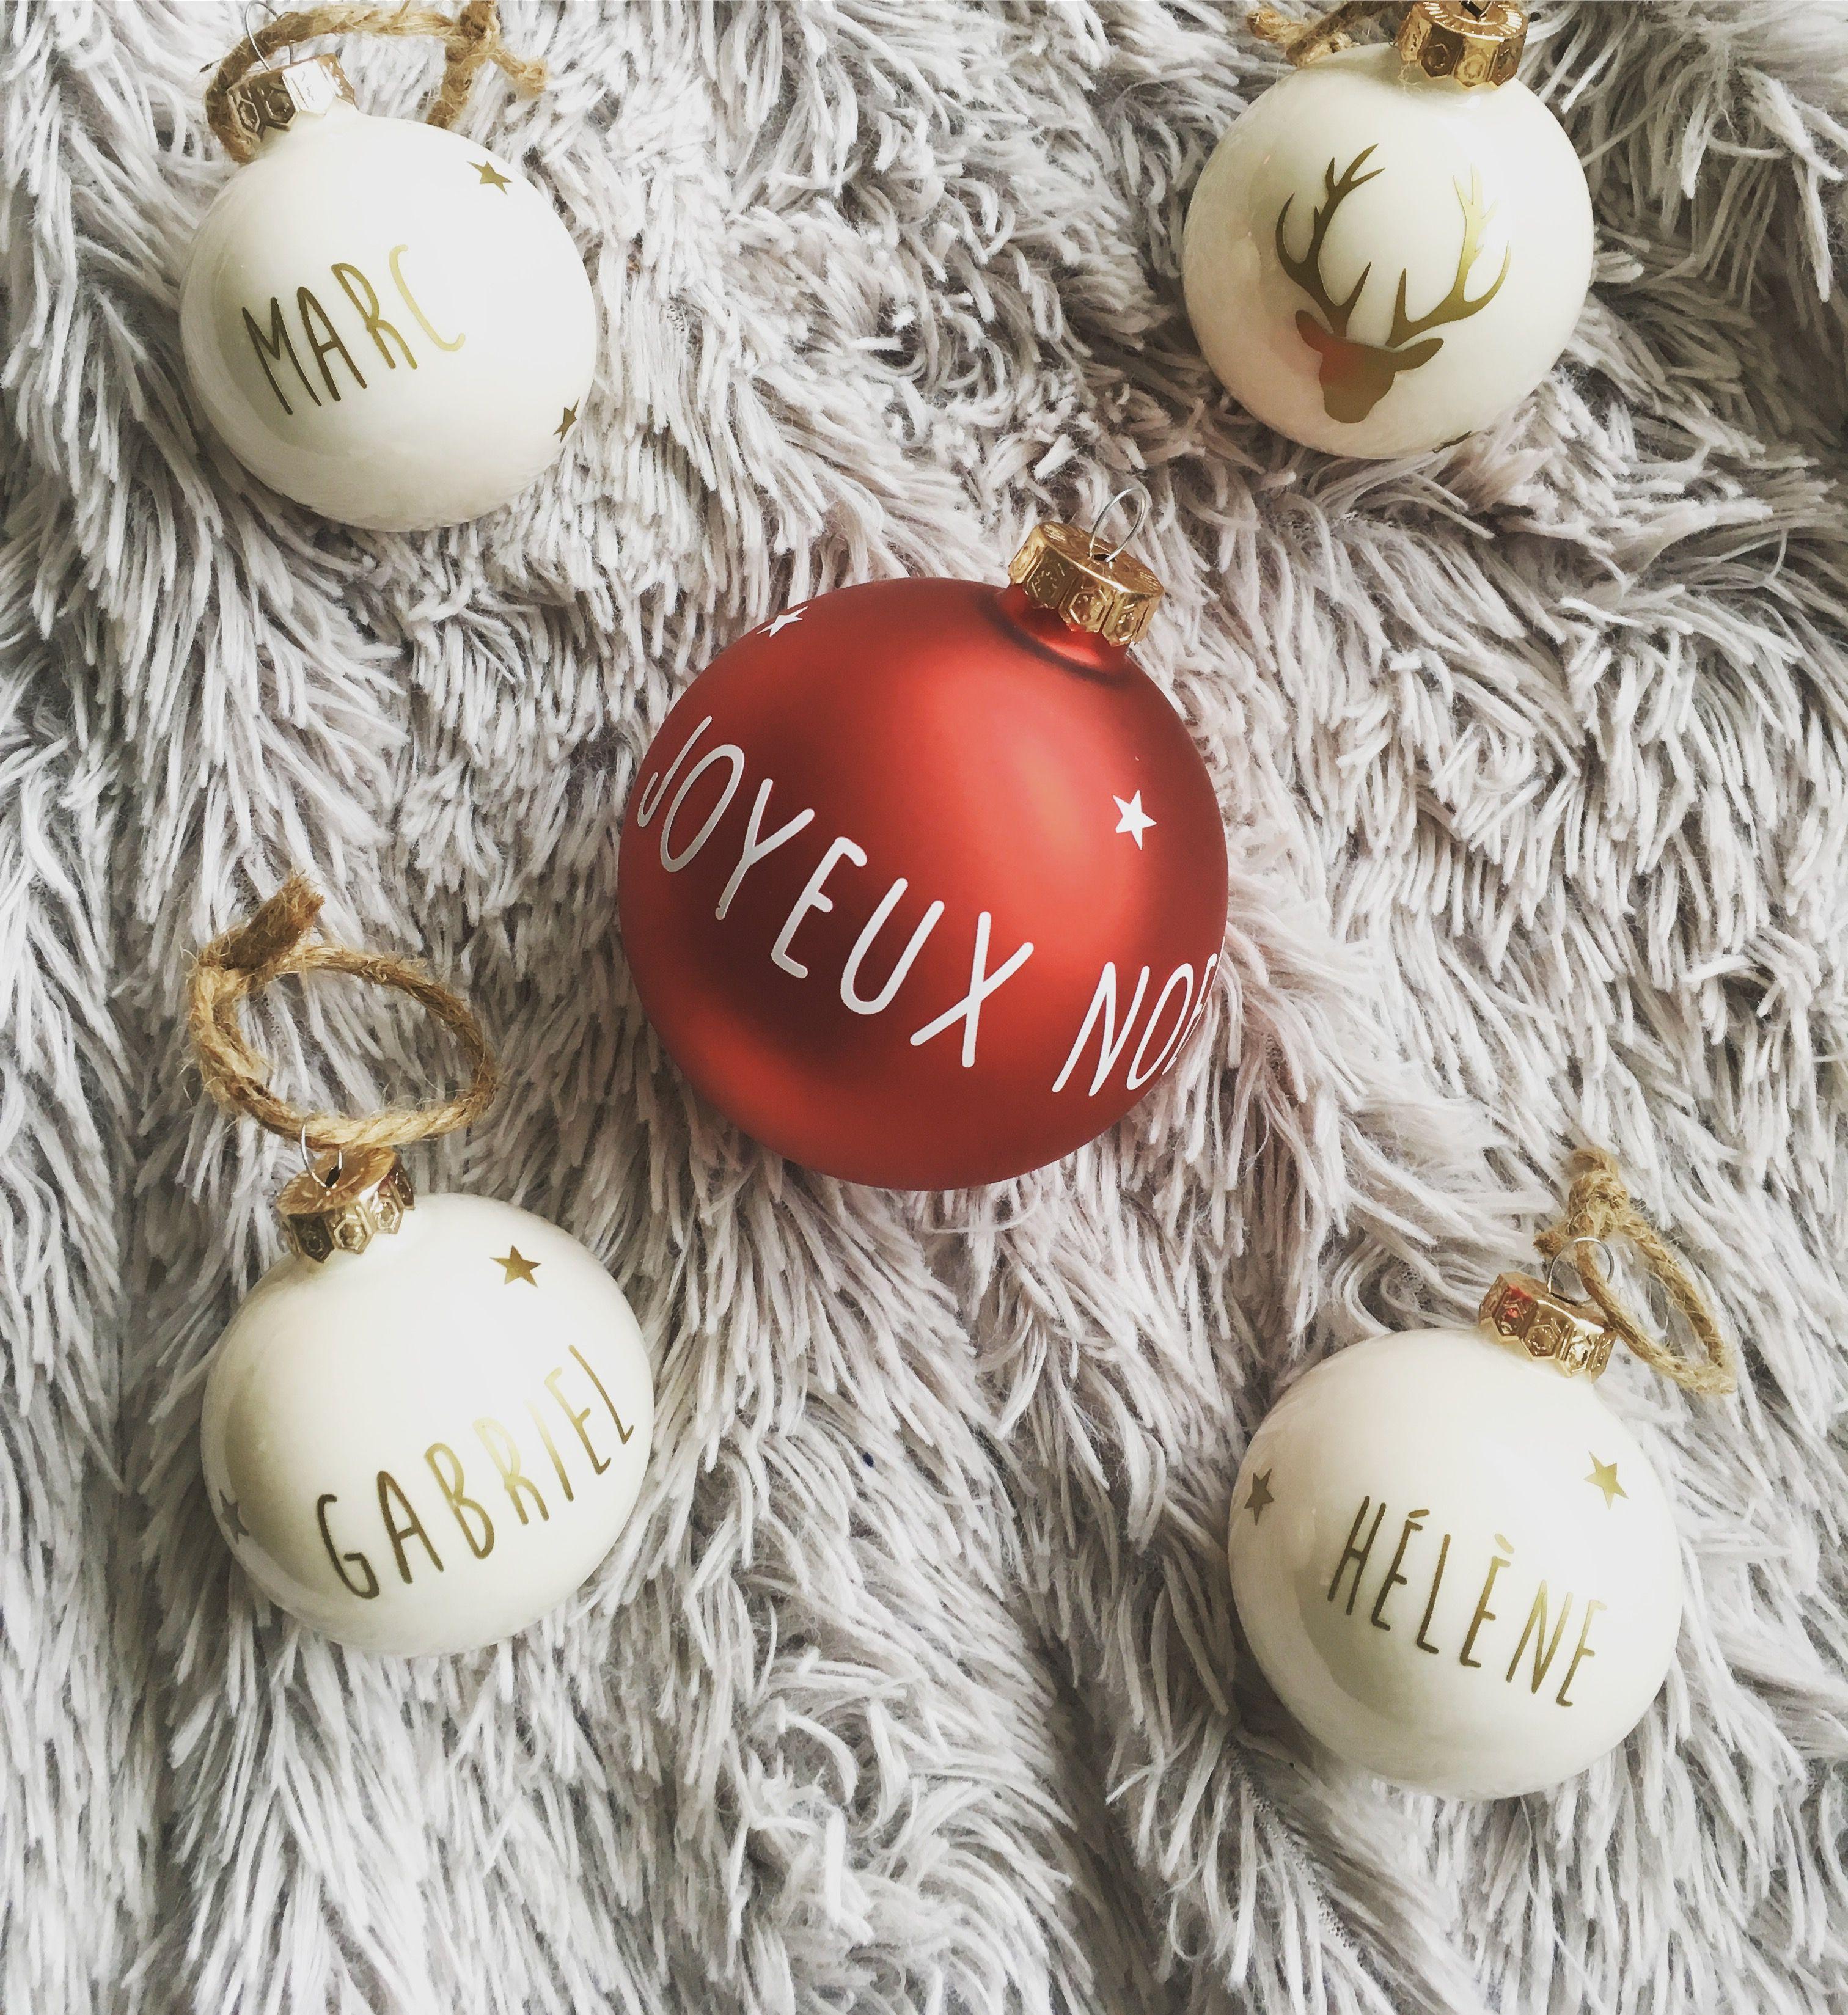 Boules décoratives de Noël personnalisées #espritdenoel 🎄